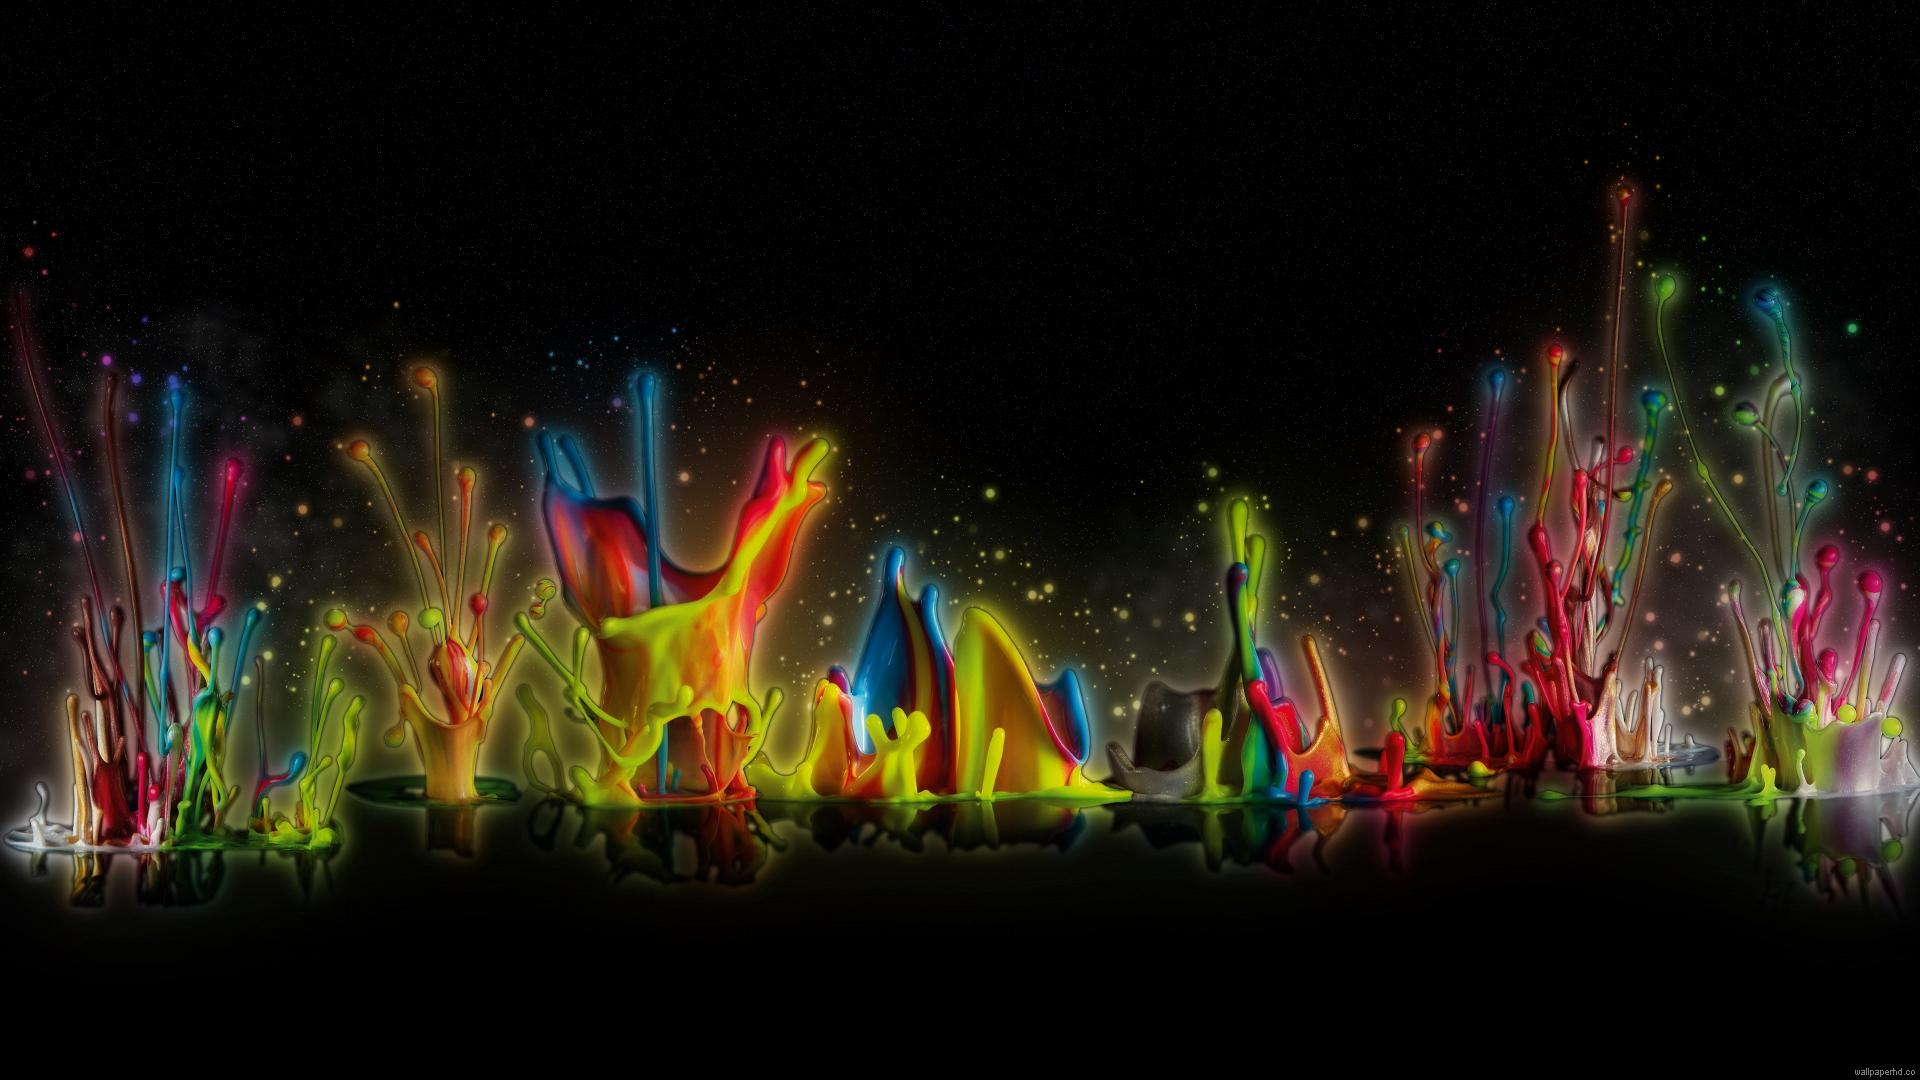 Best HD Wallpapers Wallpaper HD Widescreen Backgrounds Best HD 1920x1080